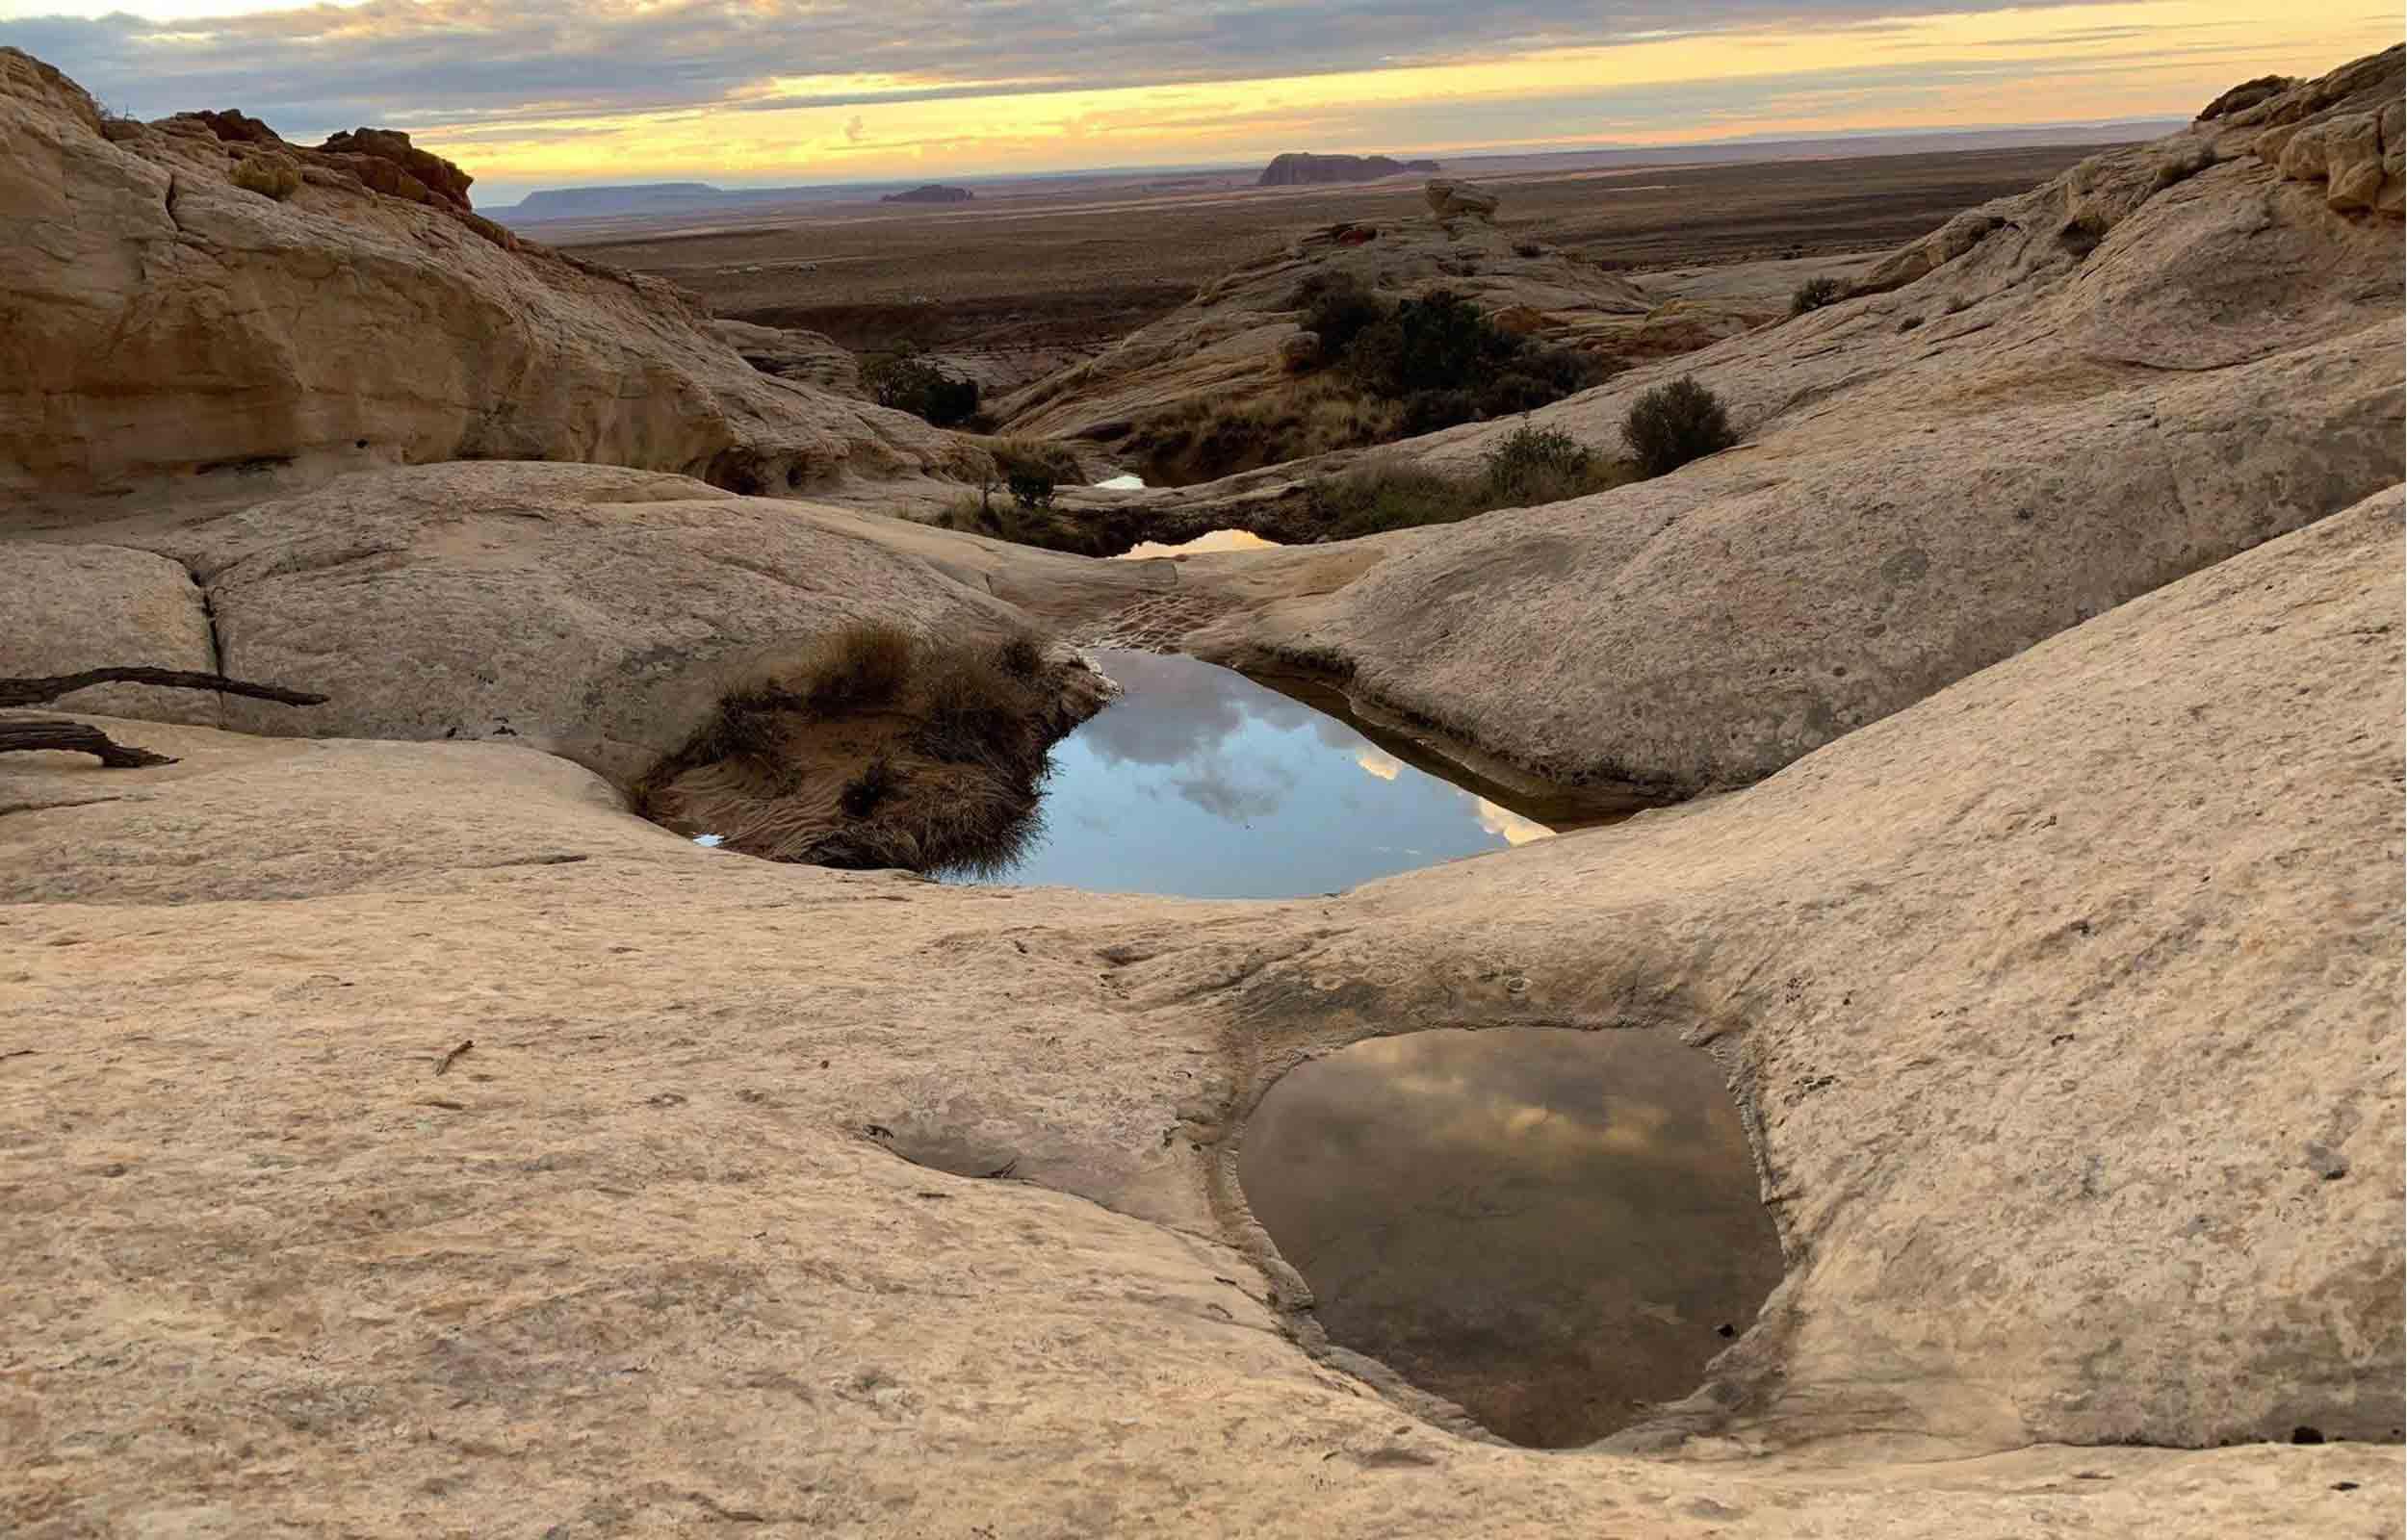 utah hiking canyon rock view at crack canyon wilderness